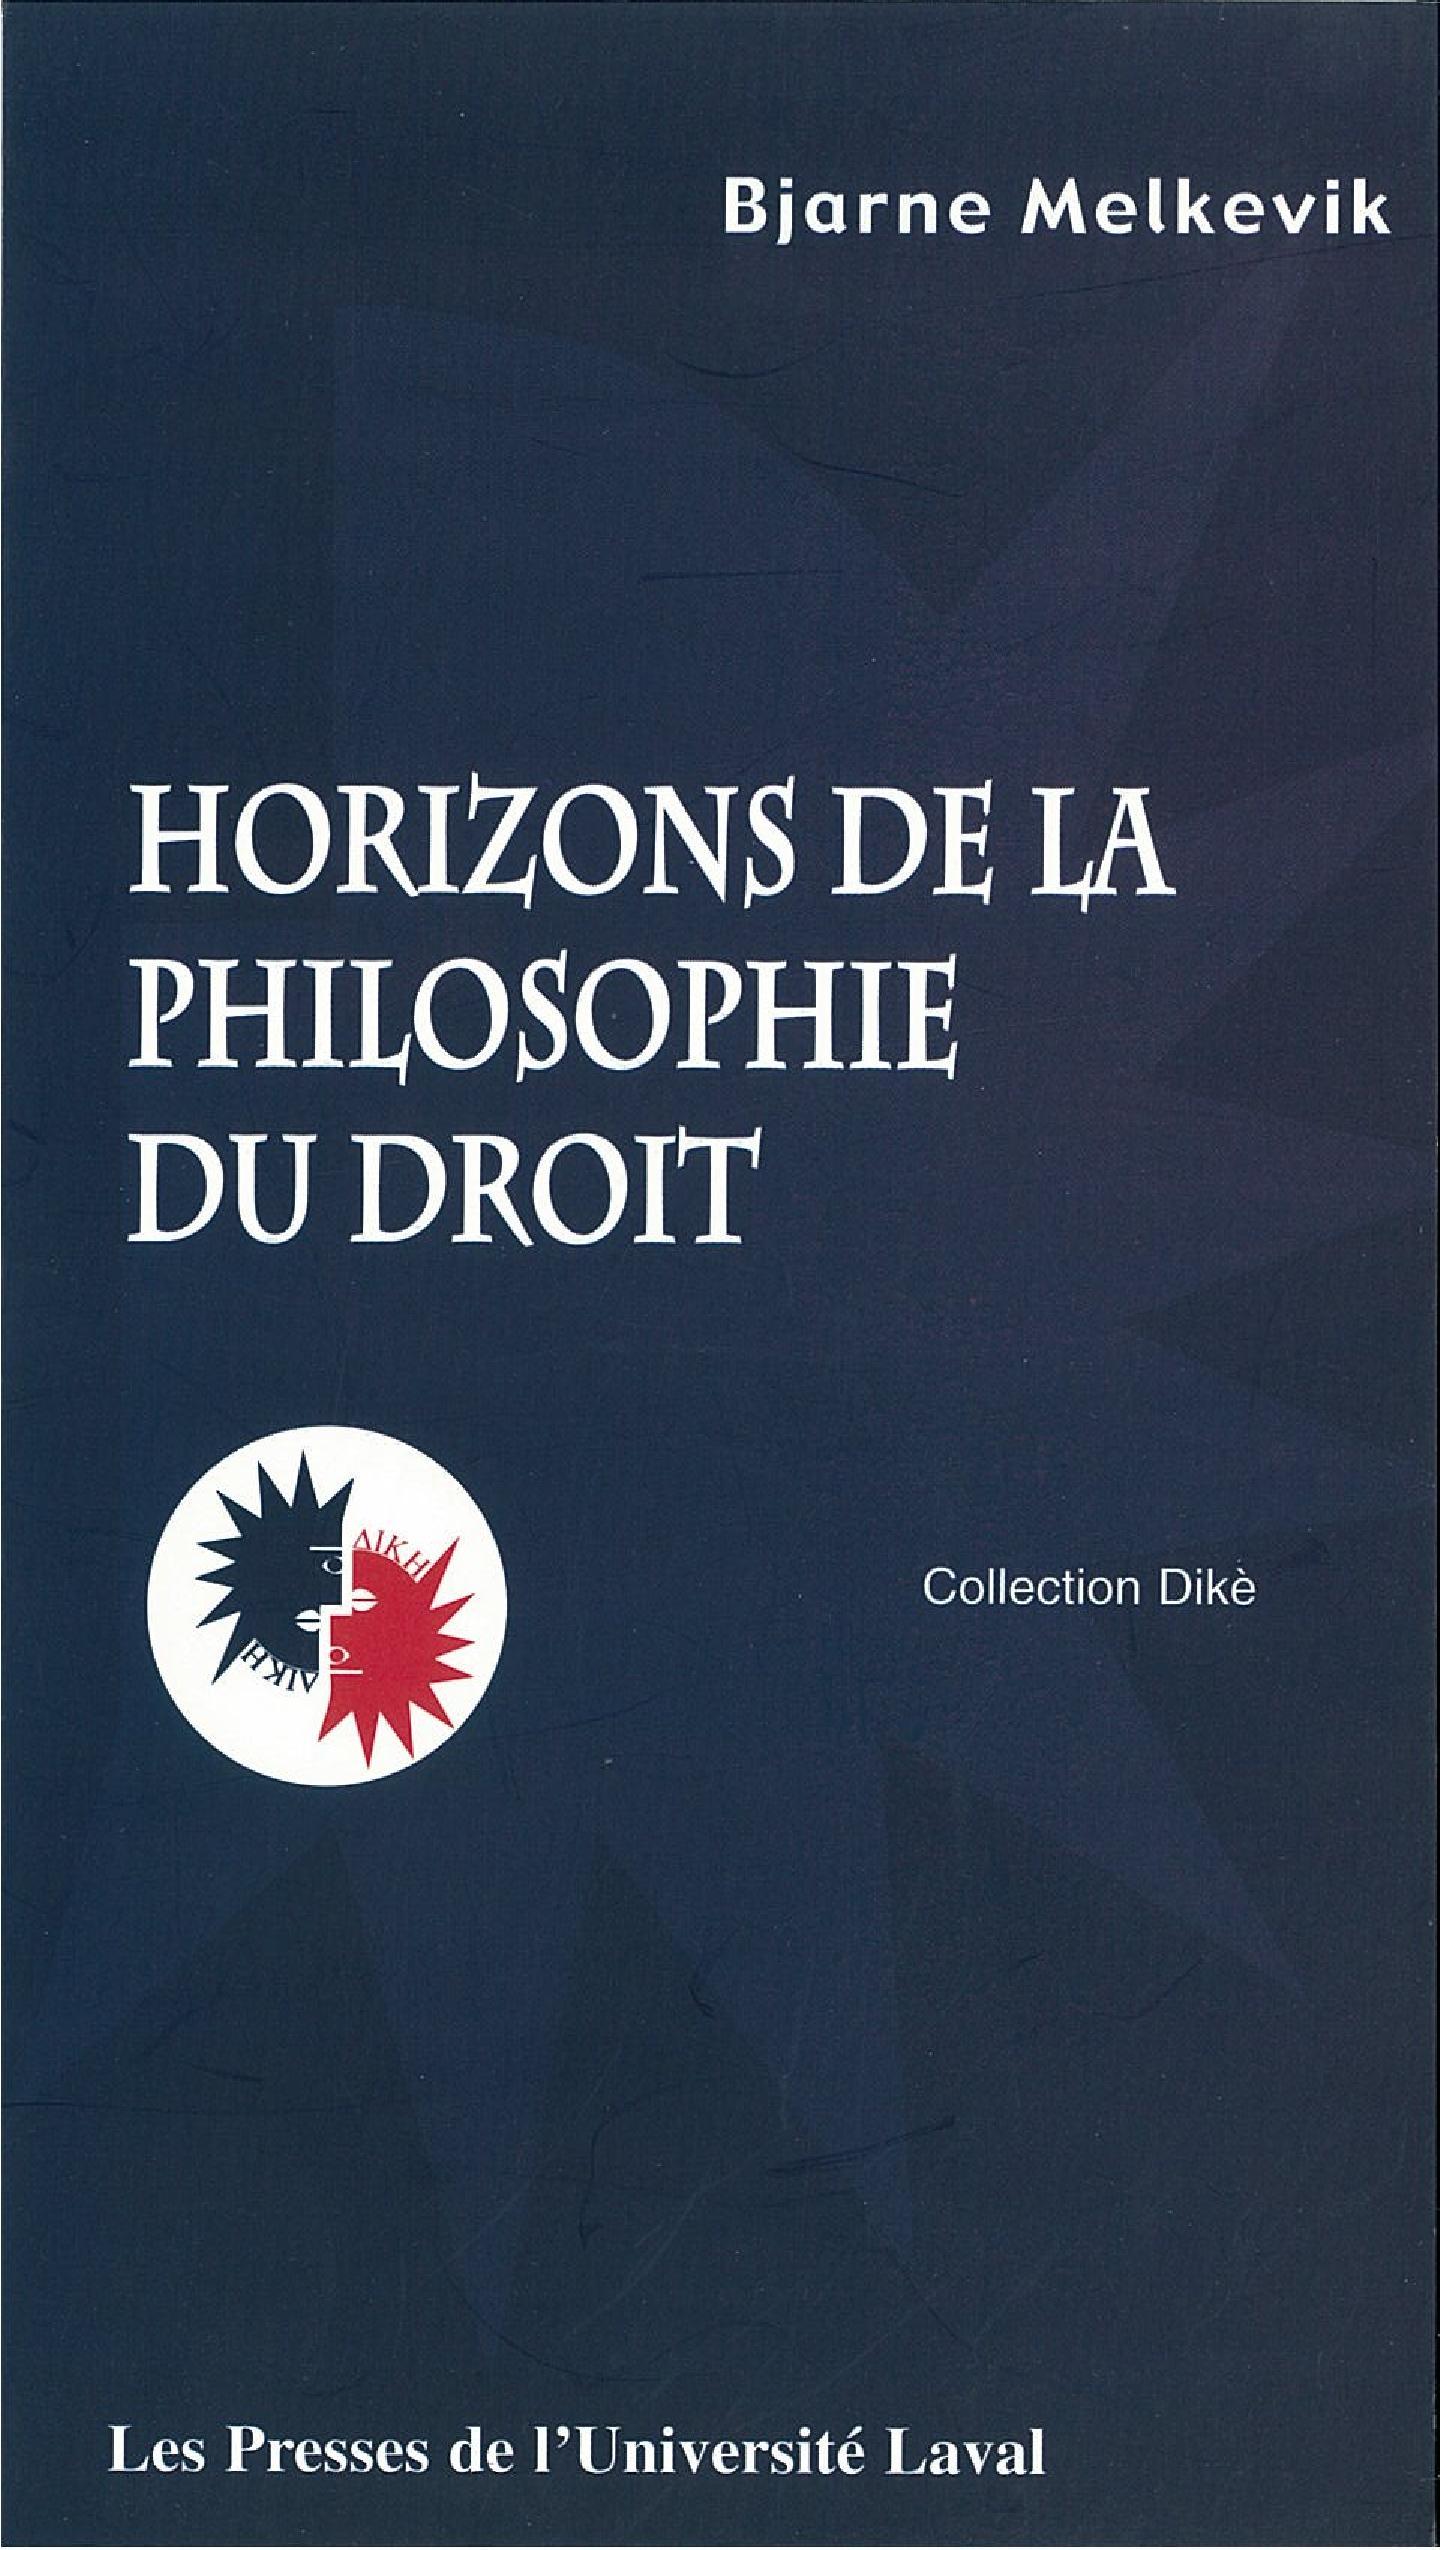 Horizons de la philosophie dudroit